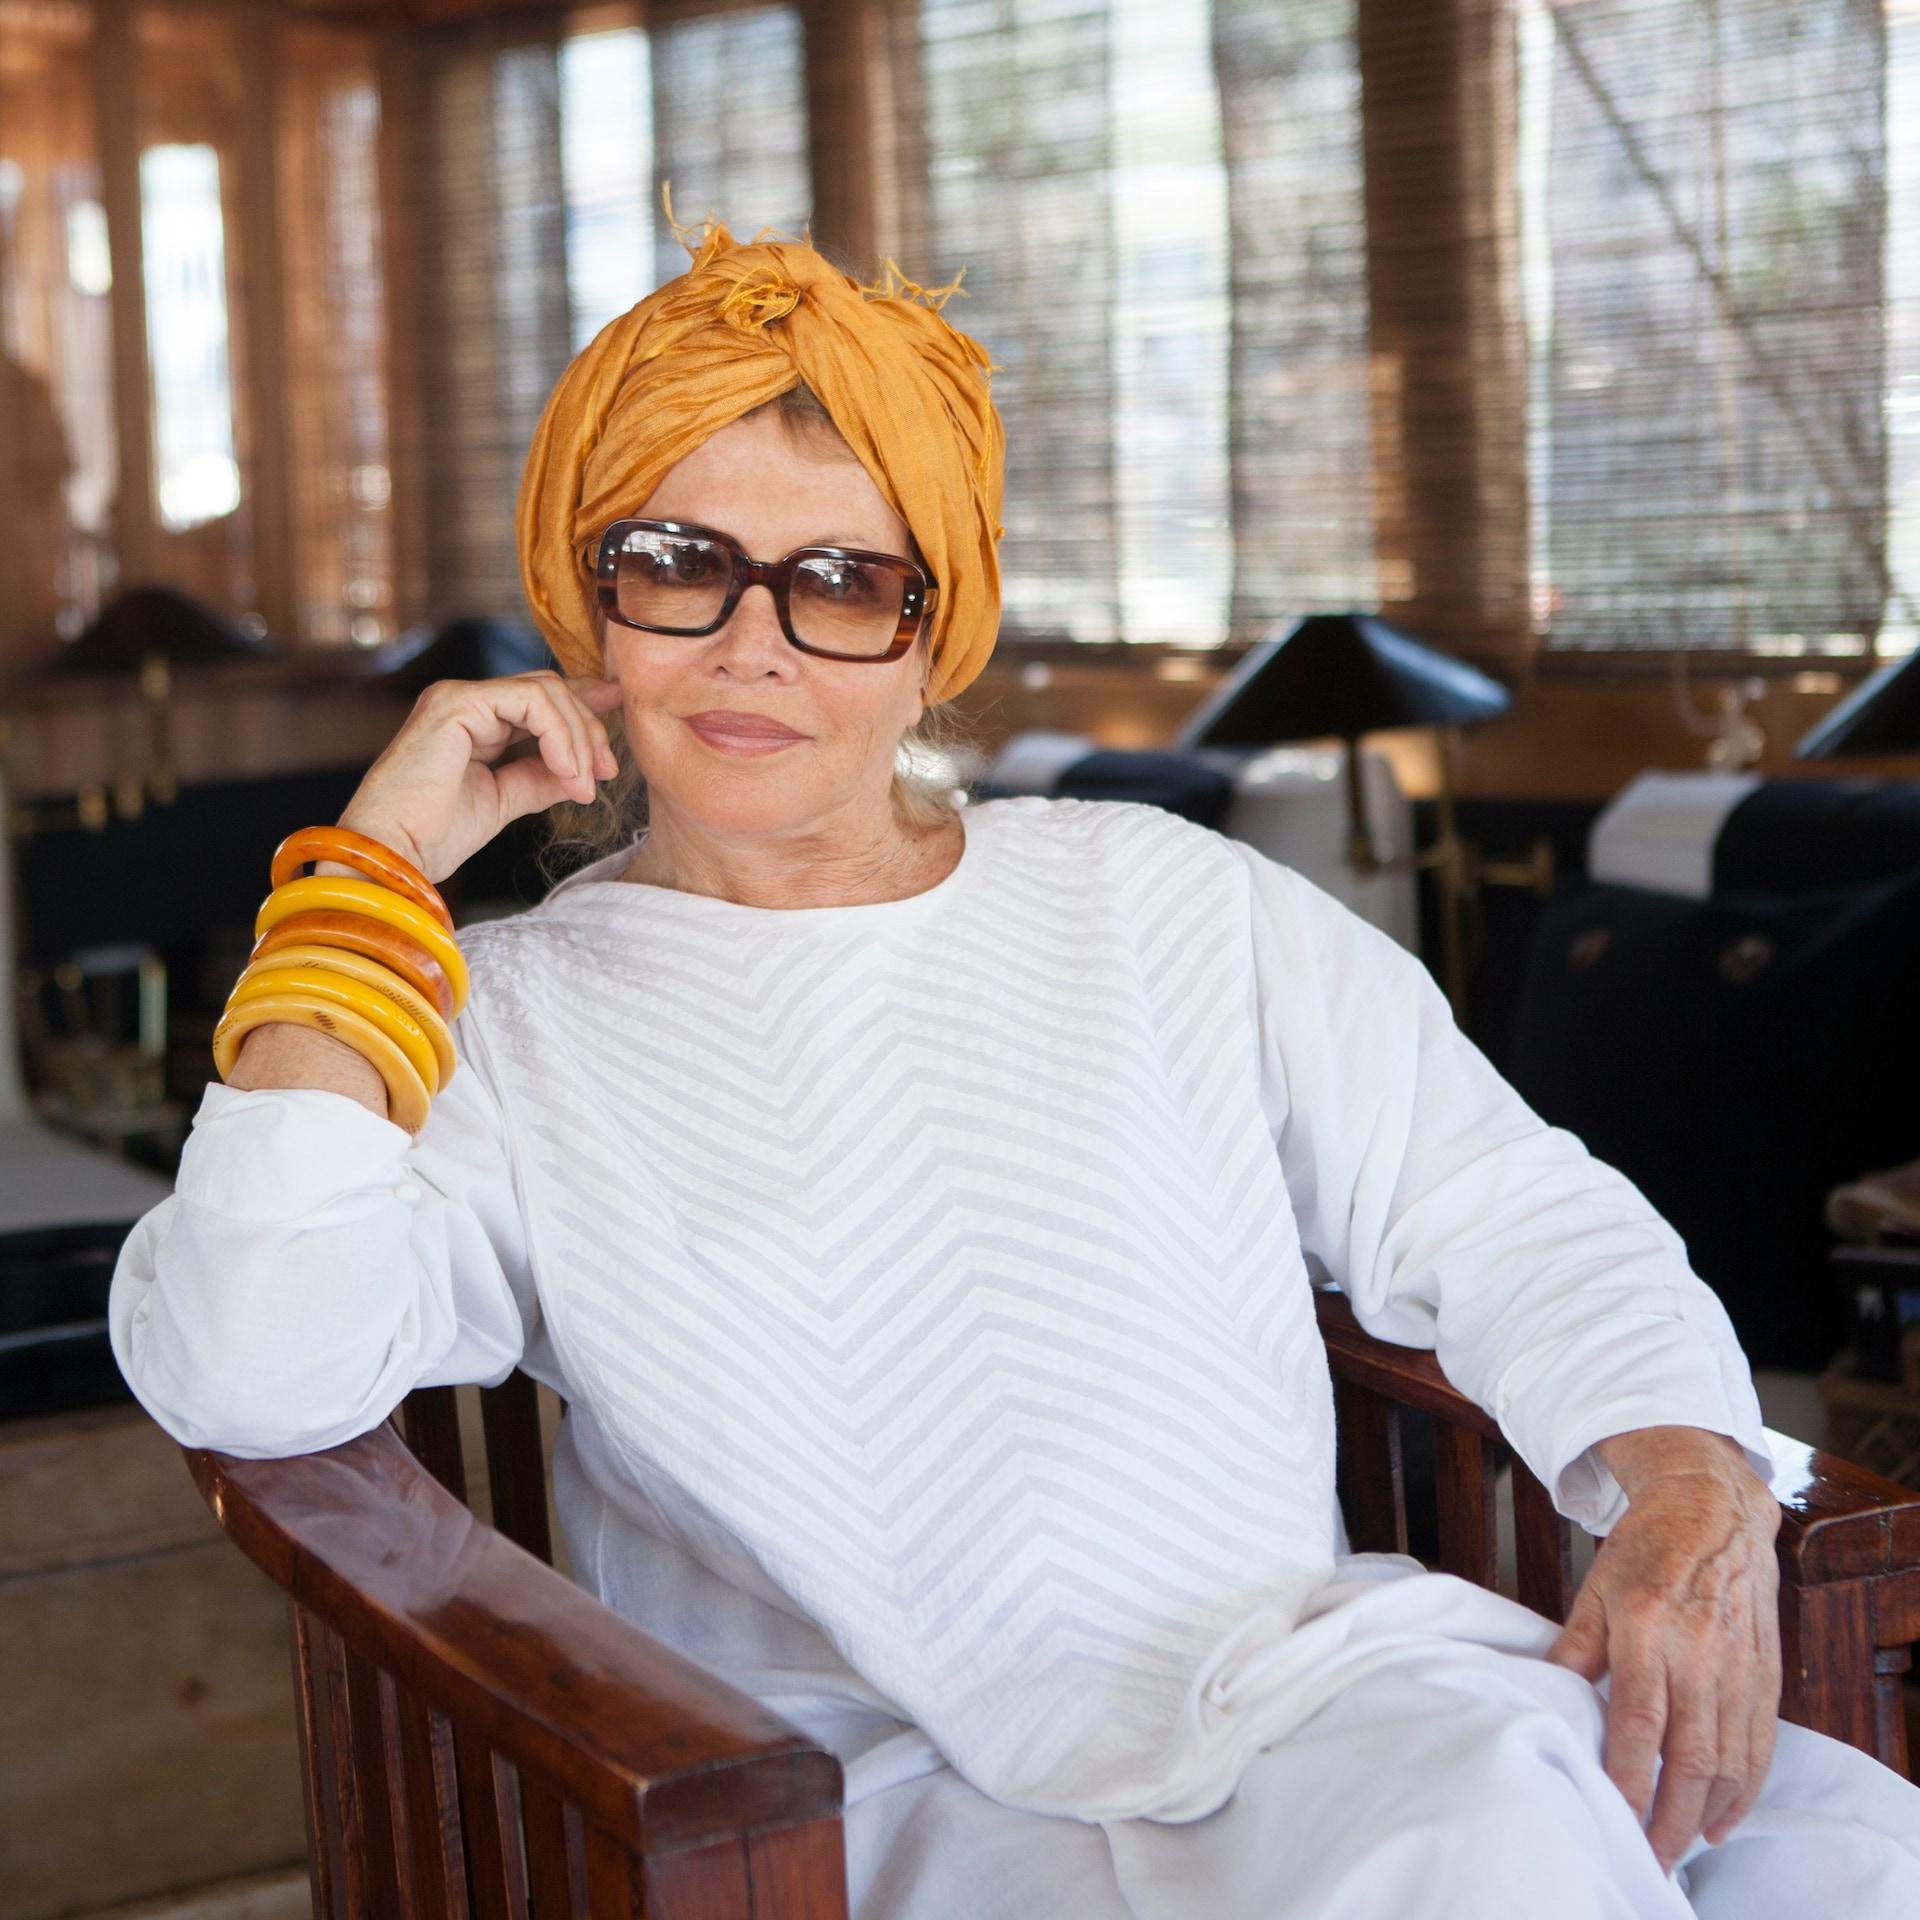 Anouska Hempel: Meet One Of The Best Interior Designers In The World anouska hempel Anouska Hempel: Meet One Of The Best Interior Designers In The World Anouska Hempel CREDIT GAIA CAMBIAGGI